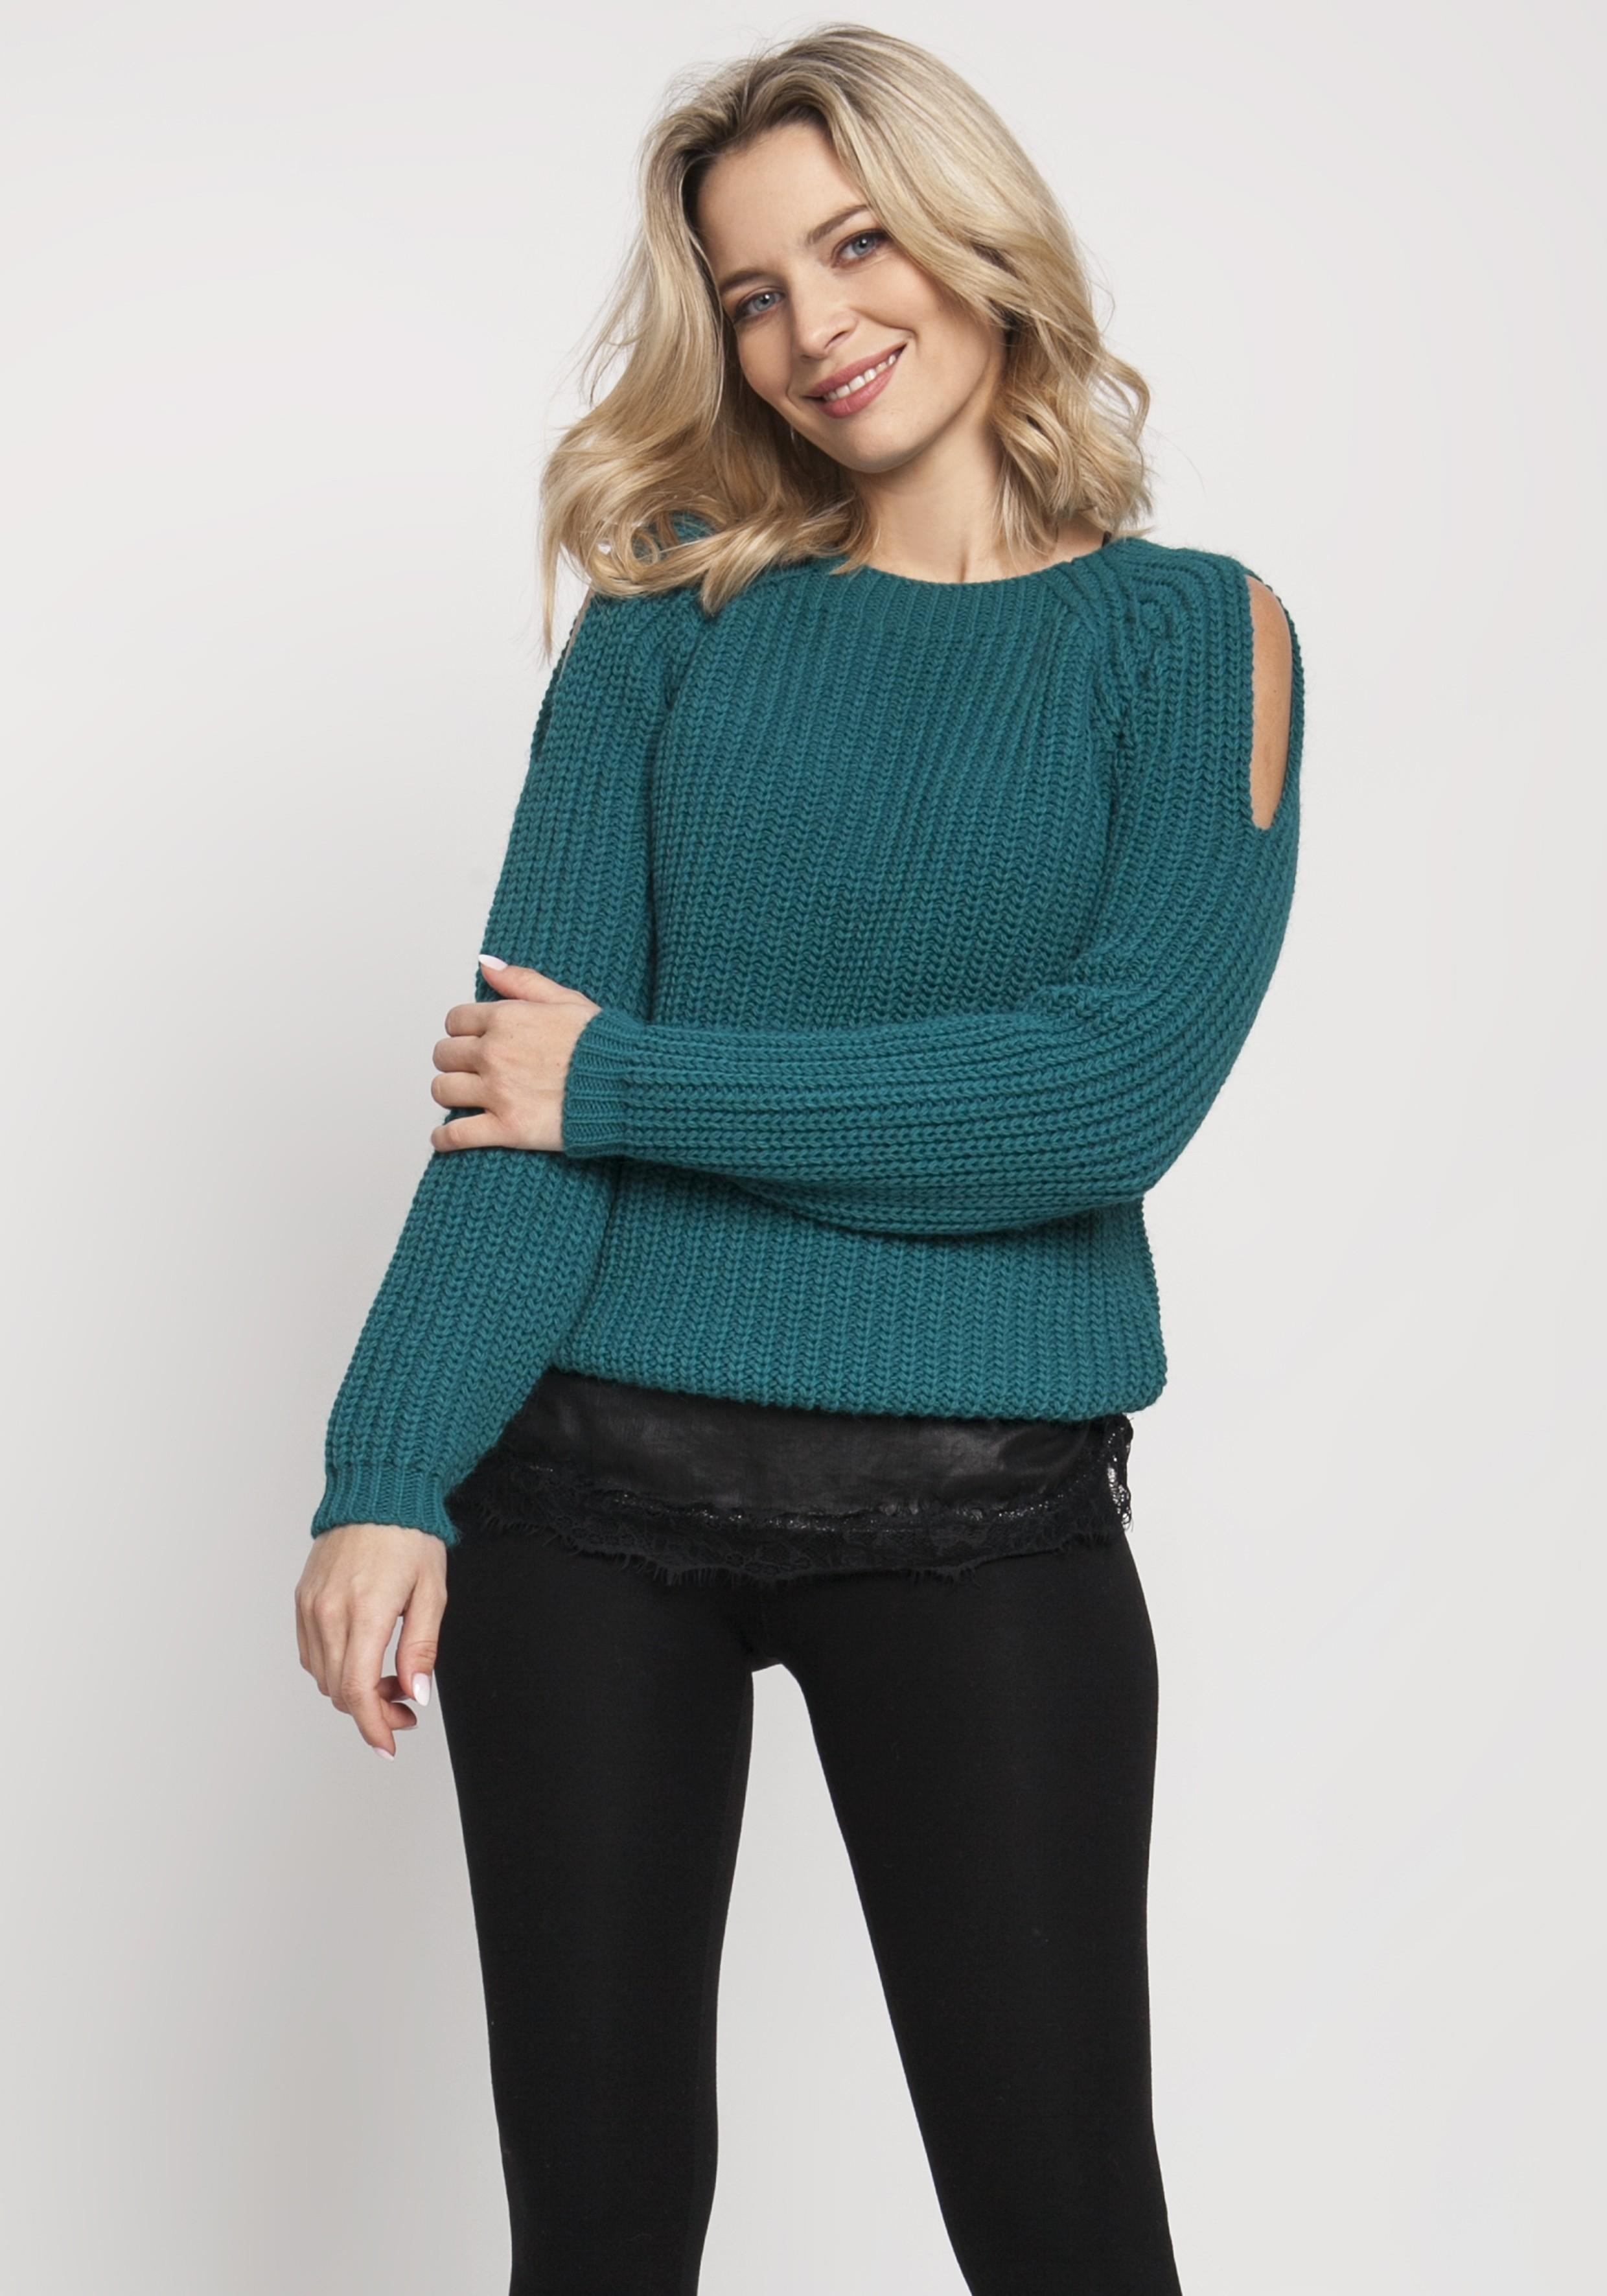 Pletený dámsky zelený sveter s otvormi na pleciach - S